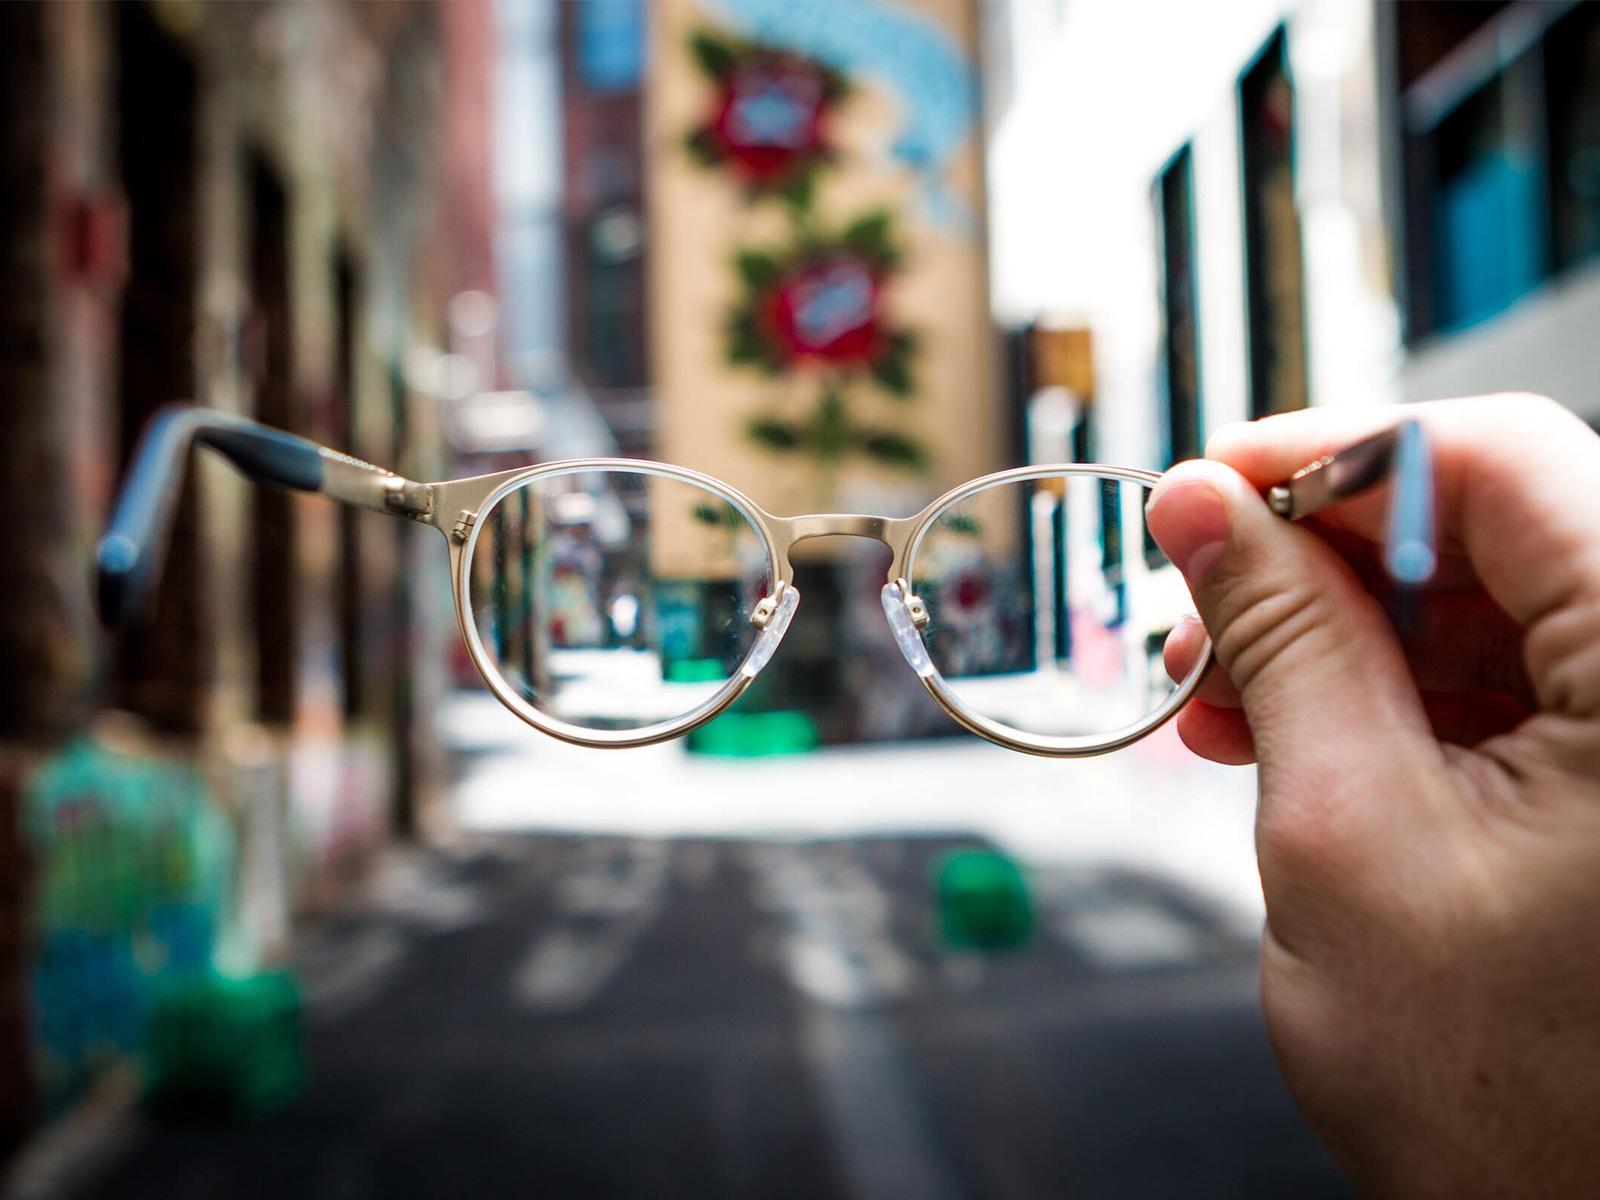 Afbeelding van een hand die een bril vasthoud